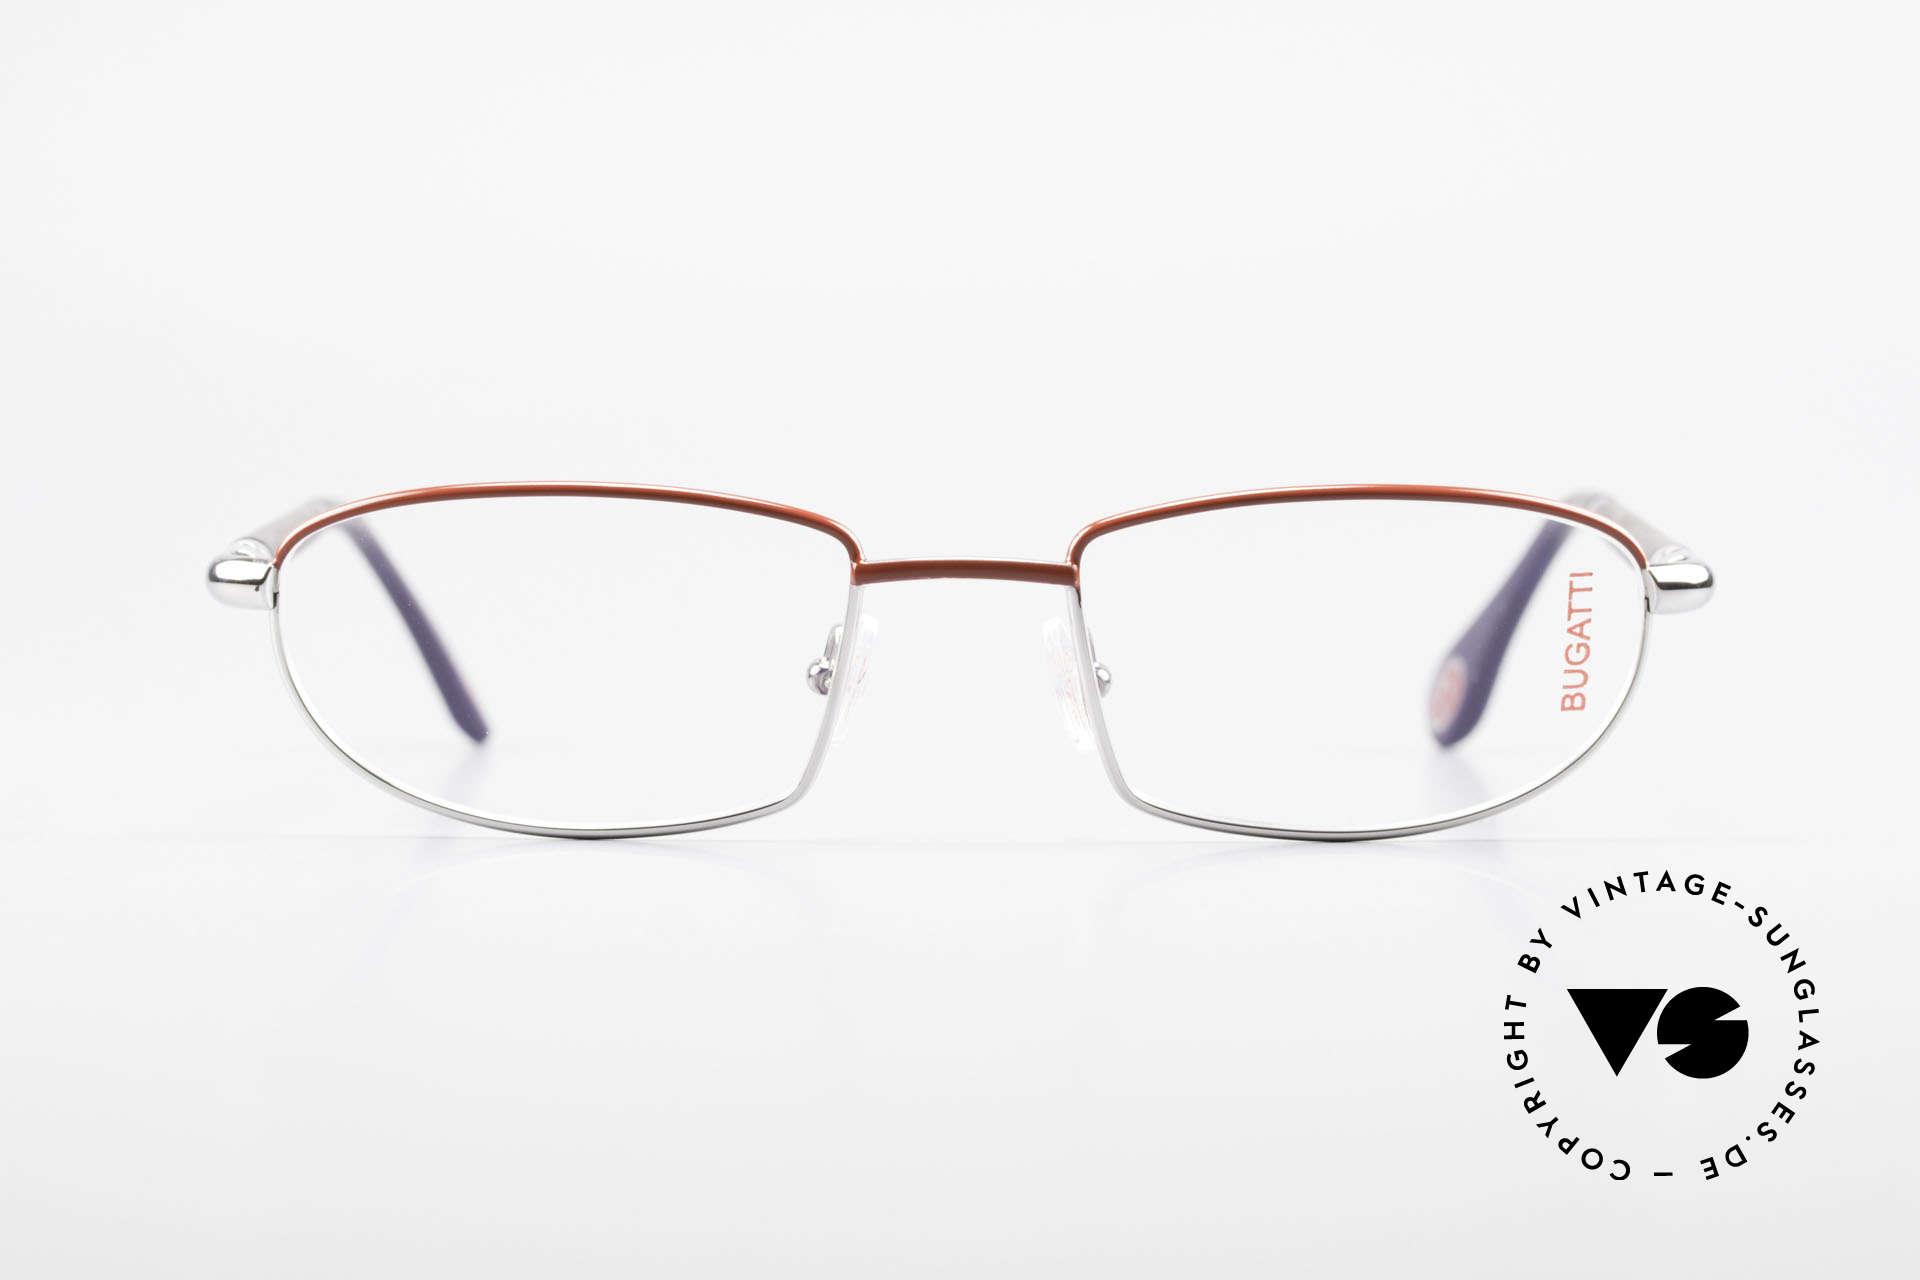 Bugatti 537 Echthorn Brille Palladium, Metall-Fassung (in Gr. 54/20) ist Palladium-plattiert, Passend für Herren